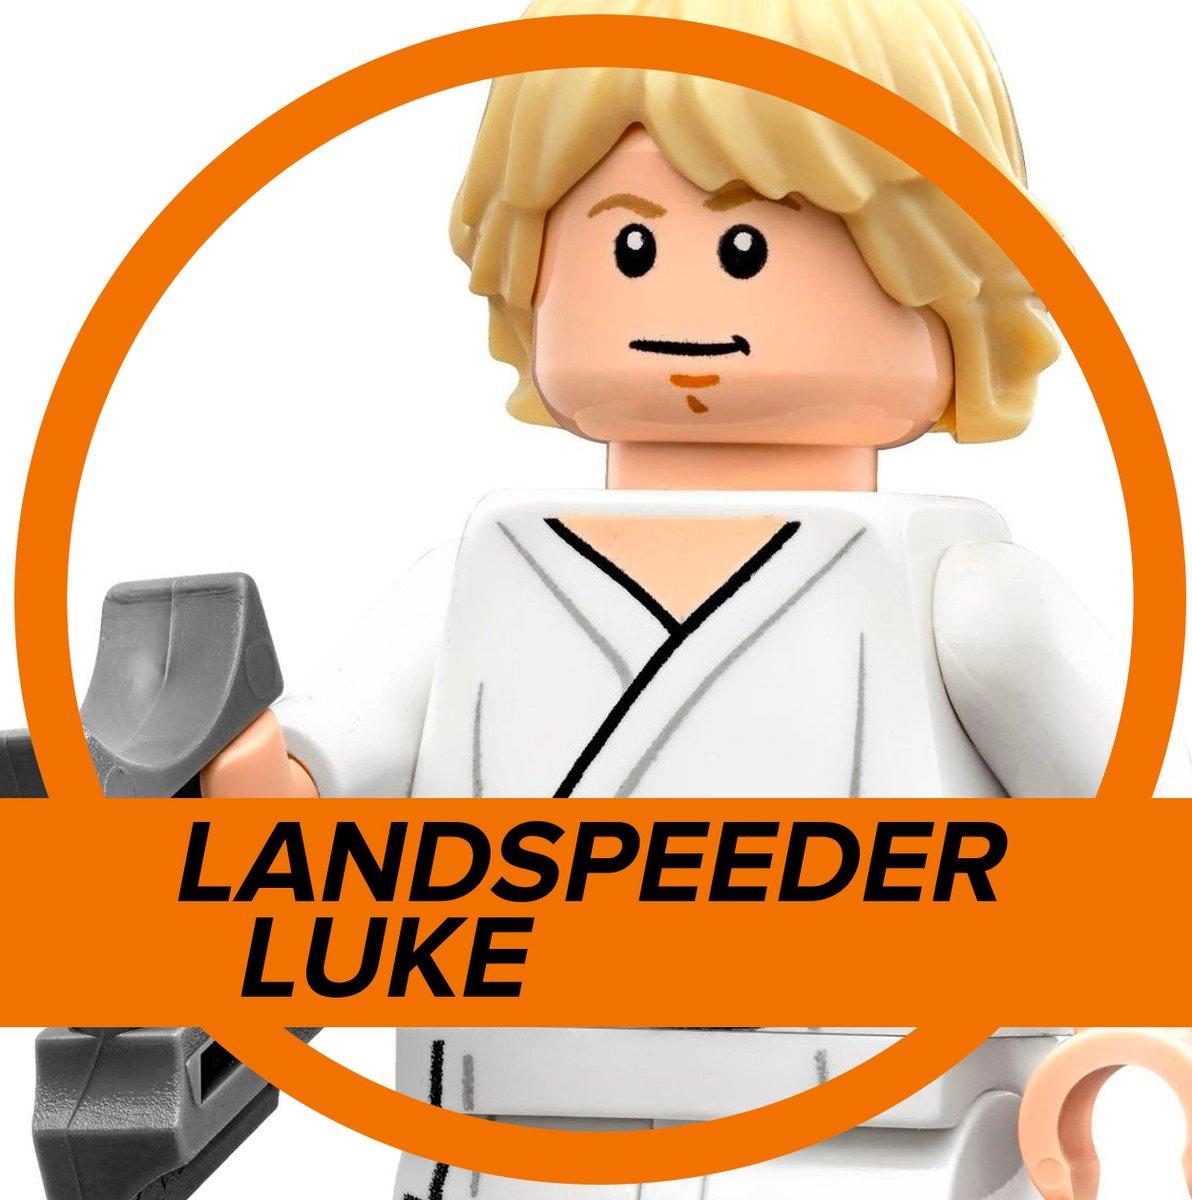 landspeederluke.bigcartel.com